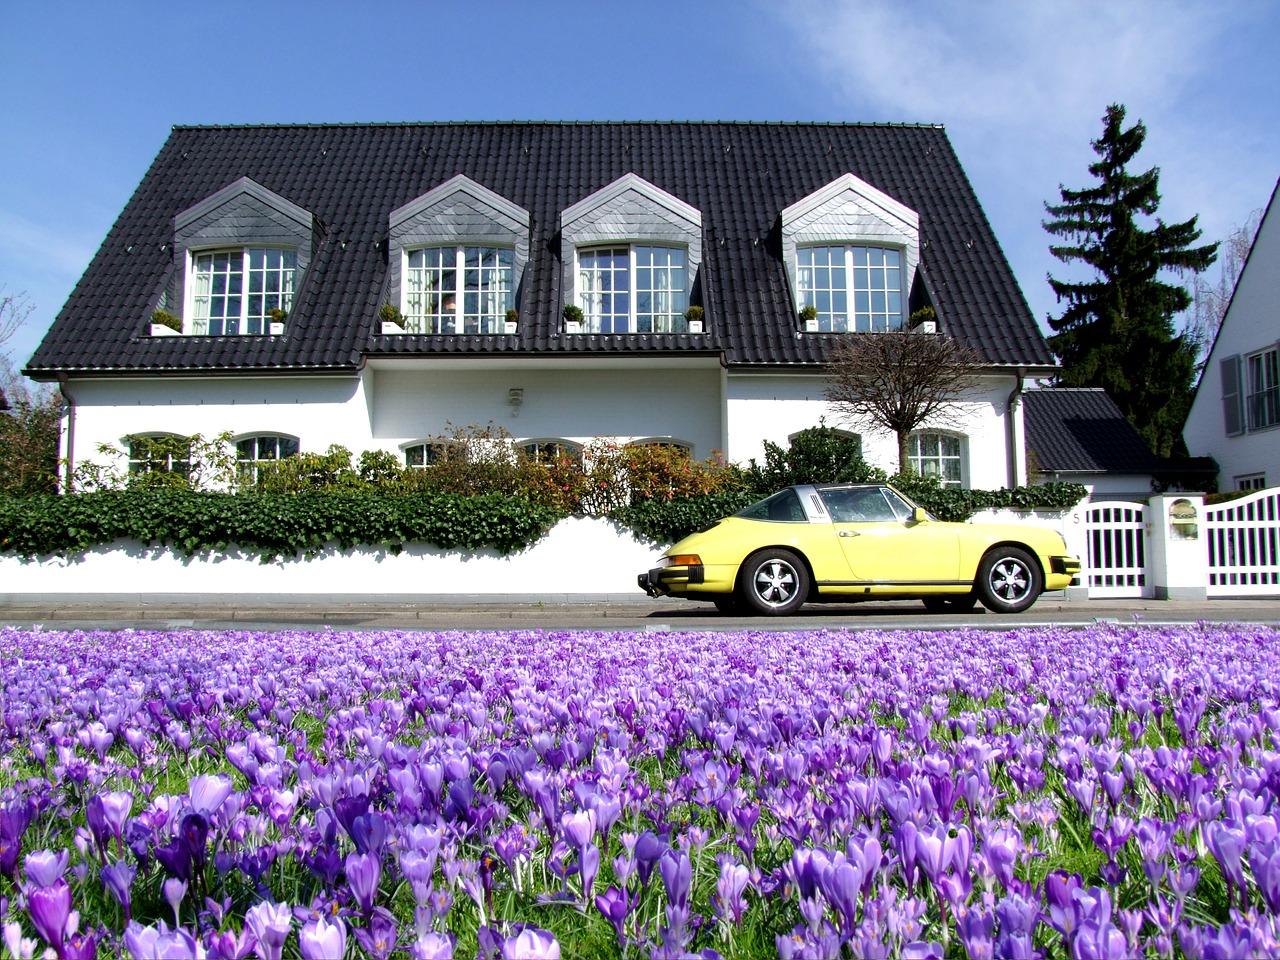 hedera bauwert - eigentumsimmobilie